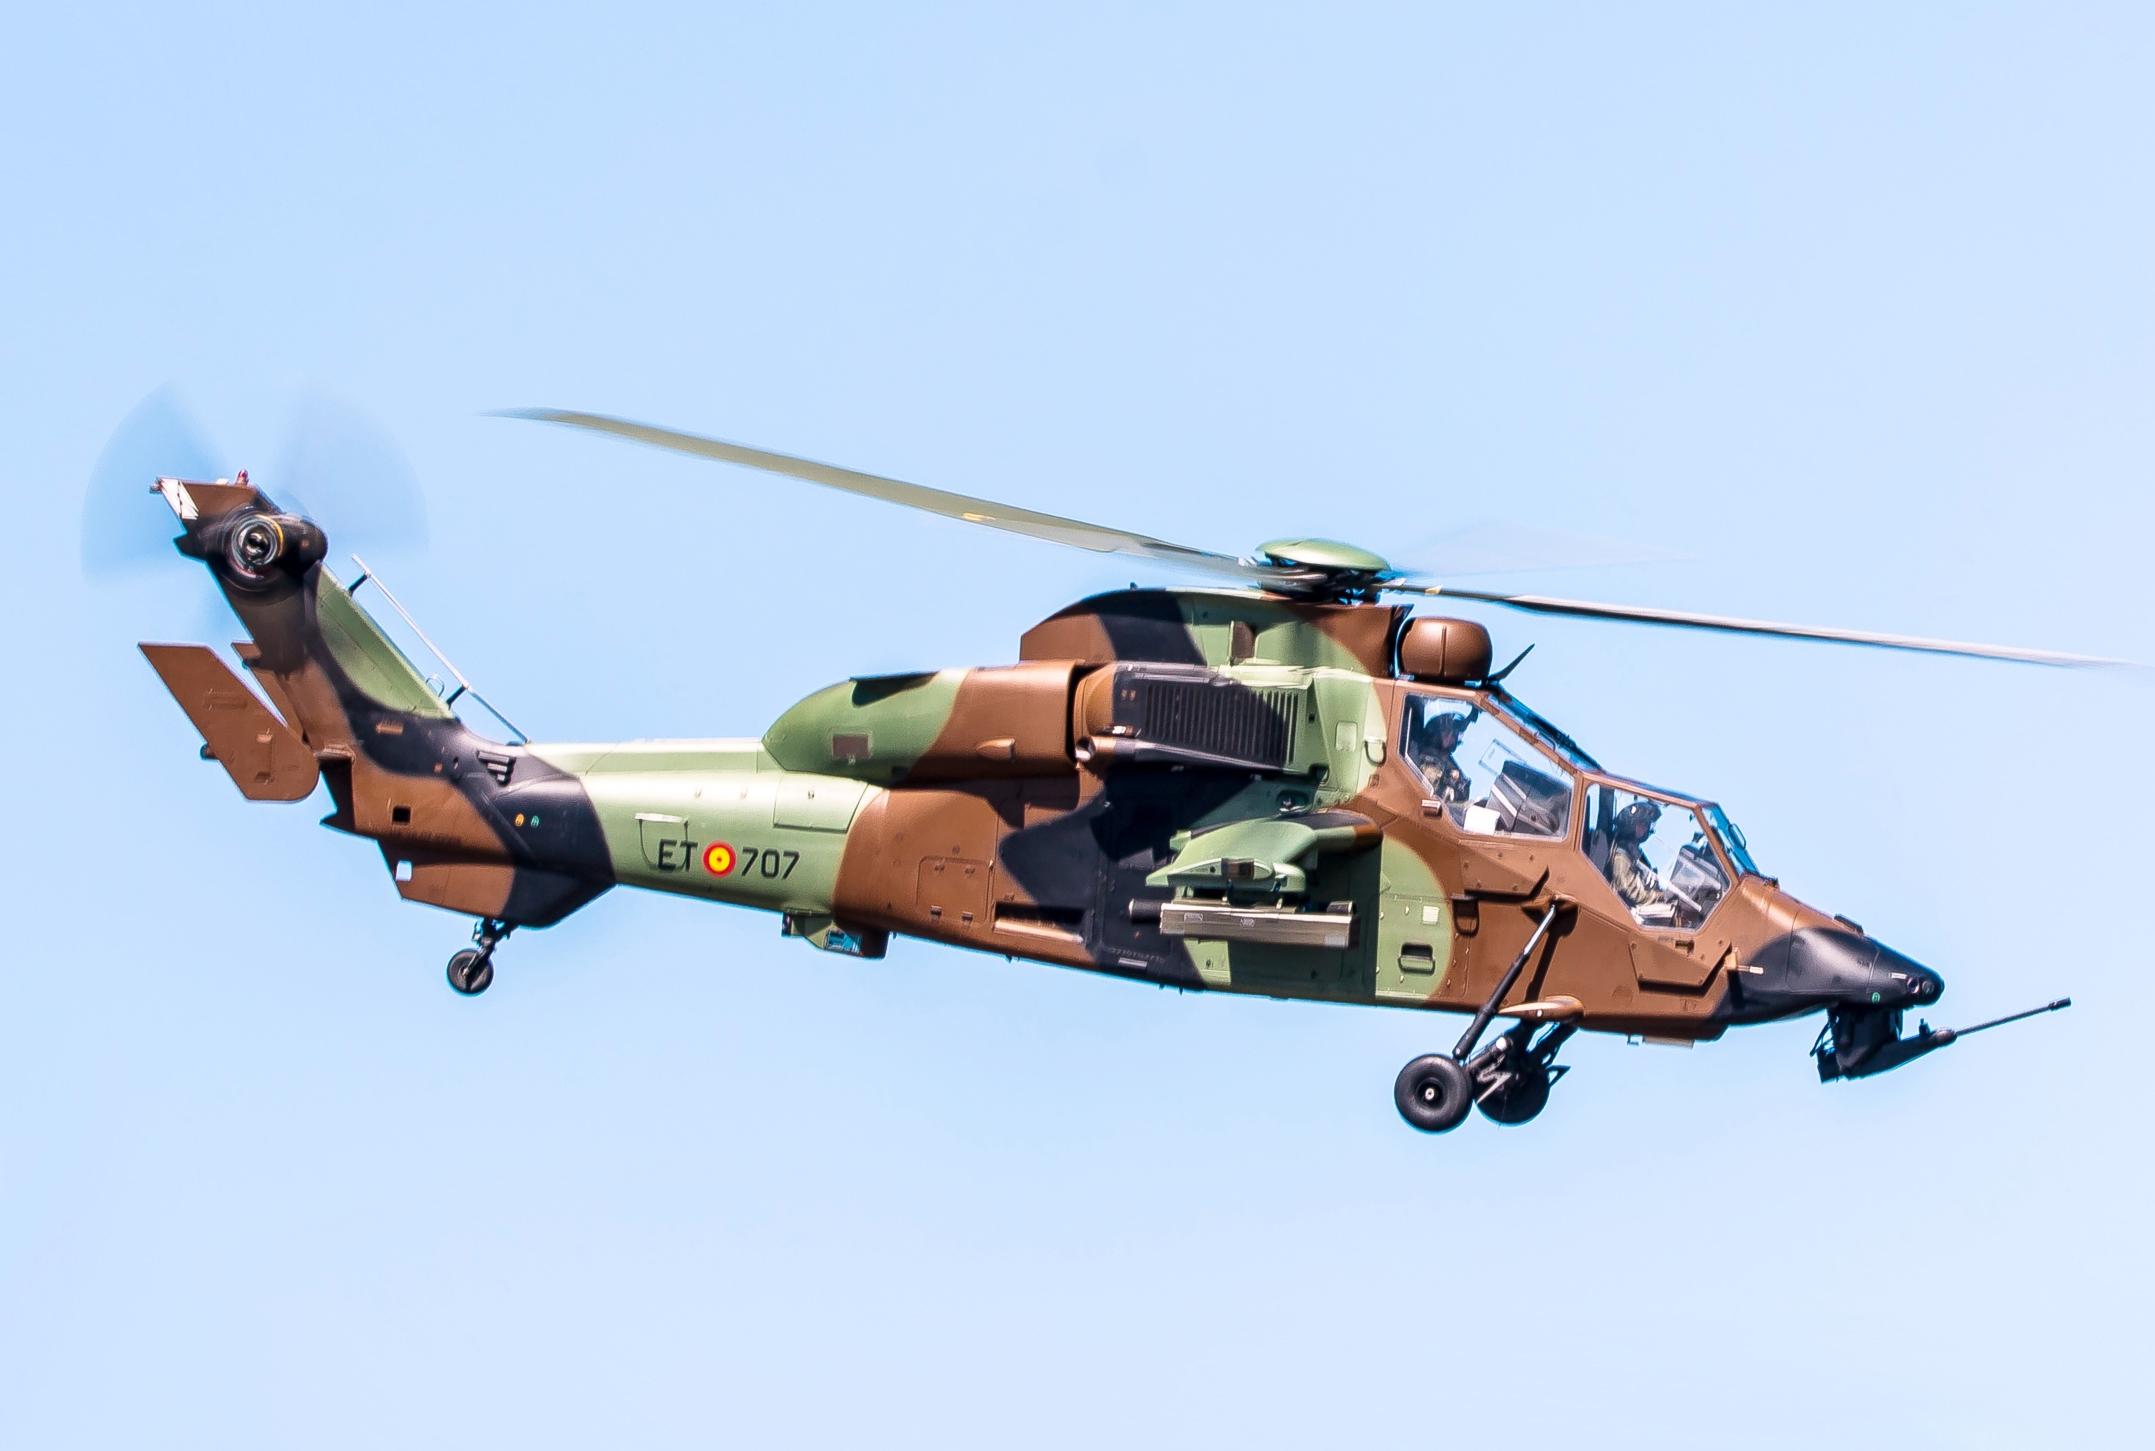 España tiene almacenados seis helicópteros militares por valor de 380 millones de euros